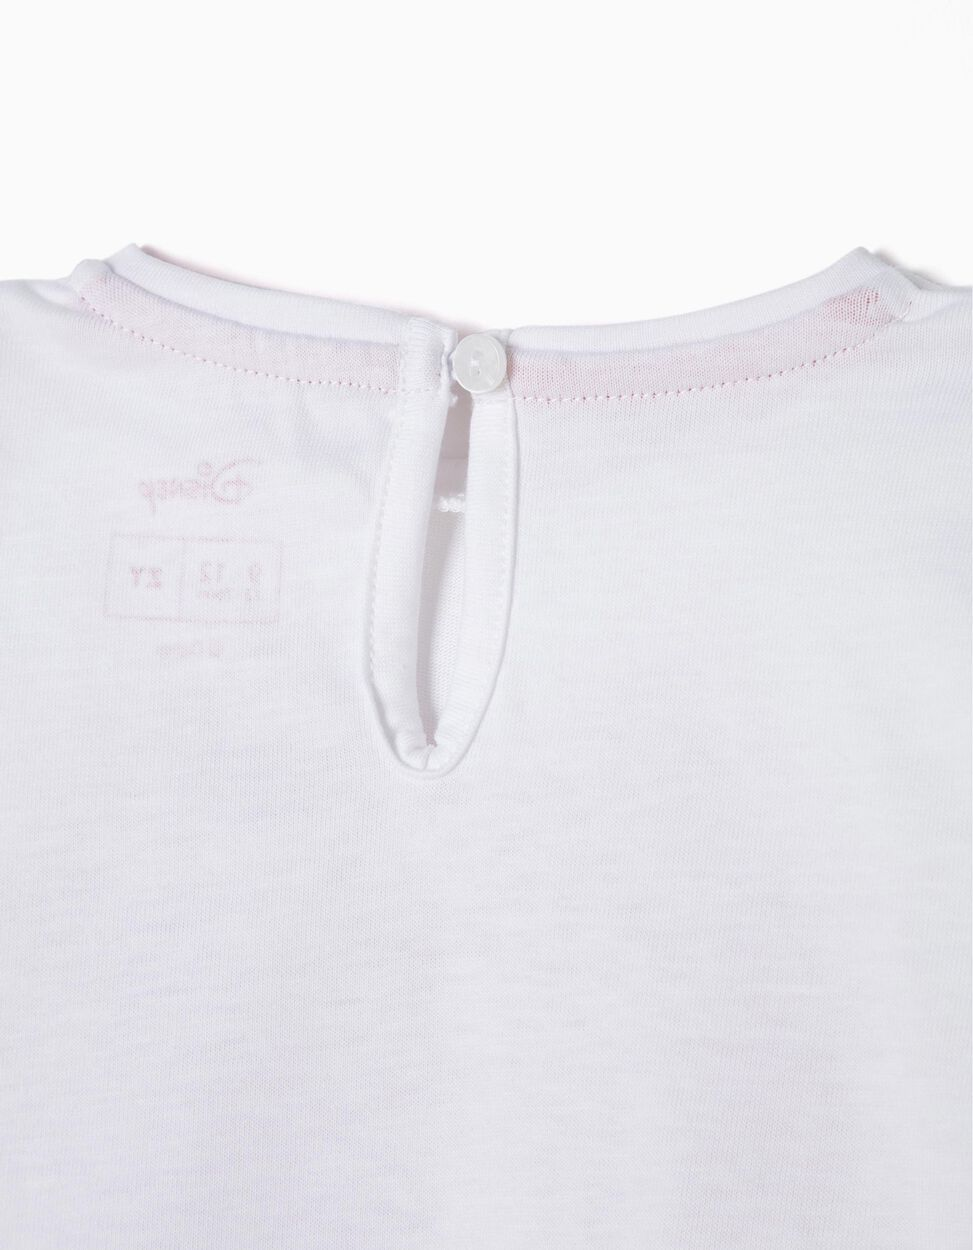 T-shirt Branca Minnie